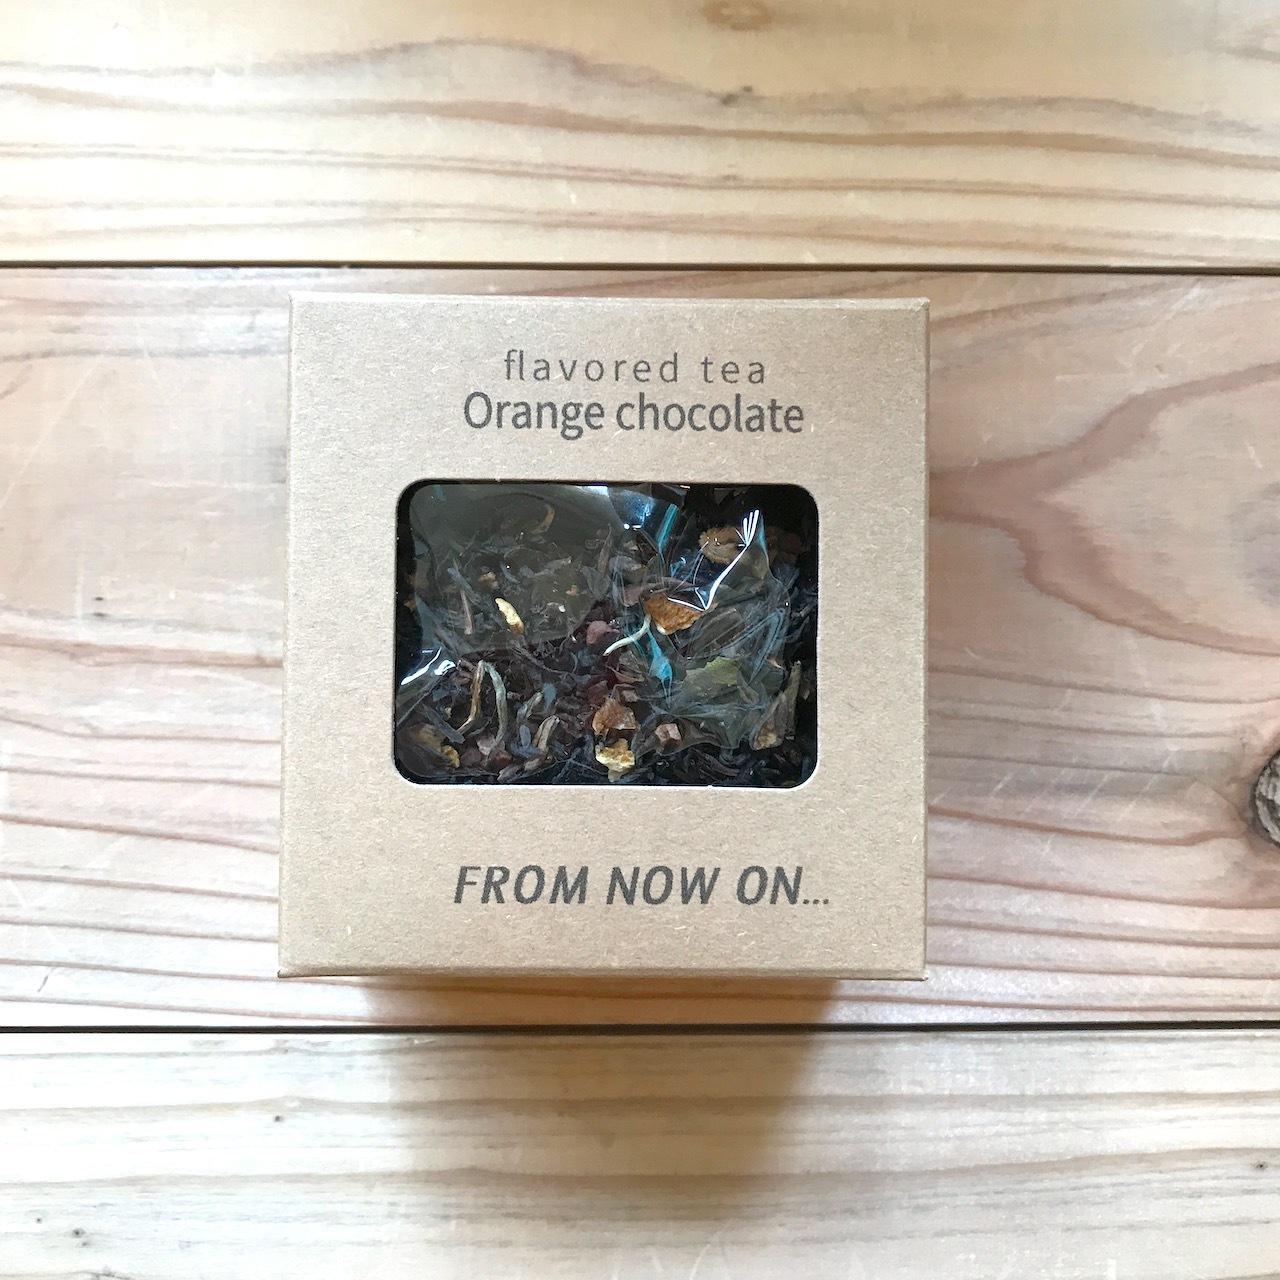 """【今だけ送料無料】"""" FNO Orange chocolate flavored tea / オレンジショコラ フレーバーティー カートンS 20g """""""